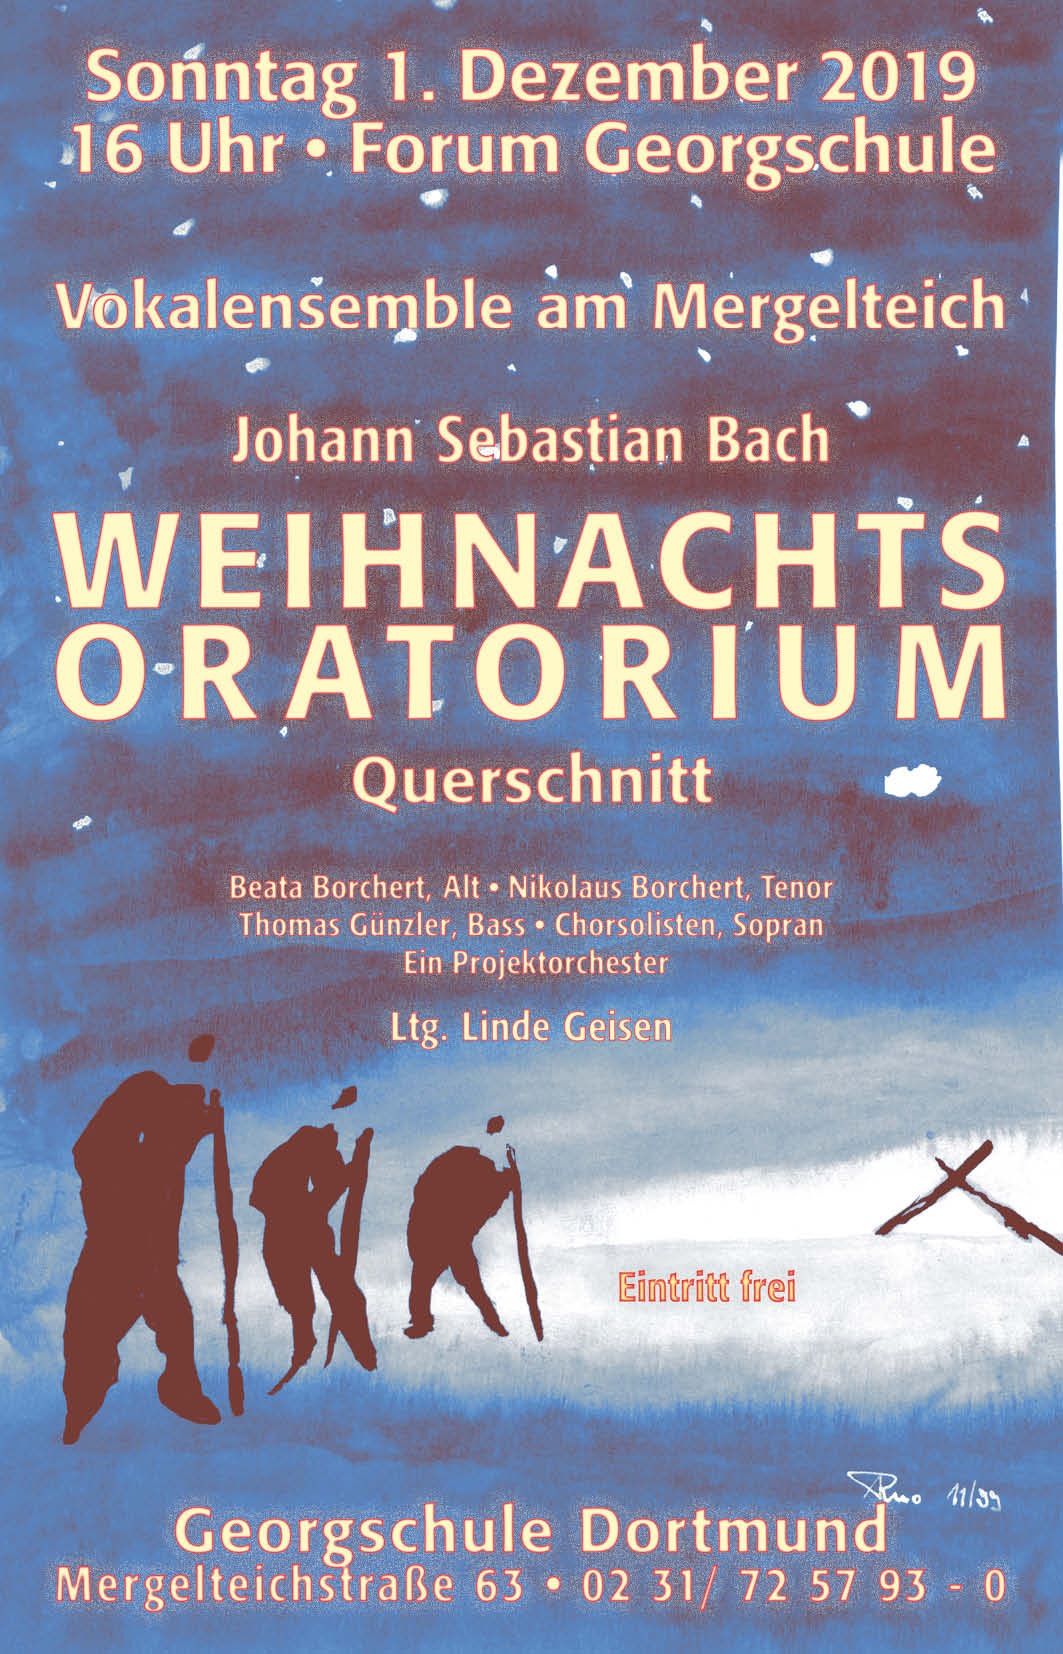 Plakat Weihnachtsoratorium 2019 Vokalensemble am Mergelteich